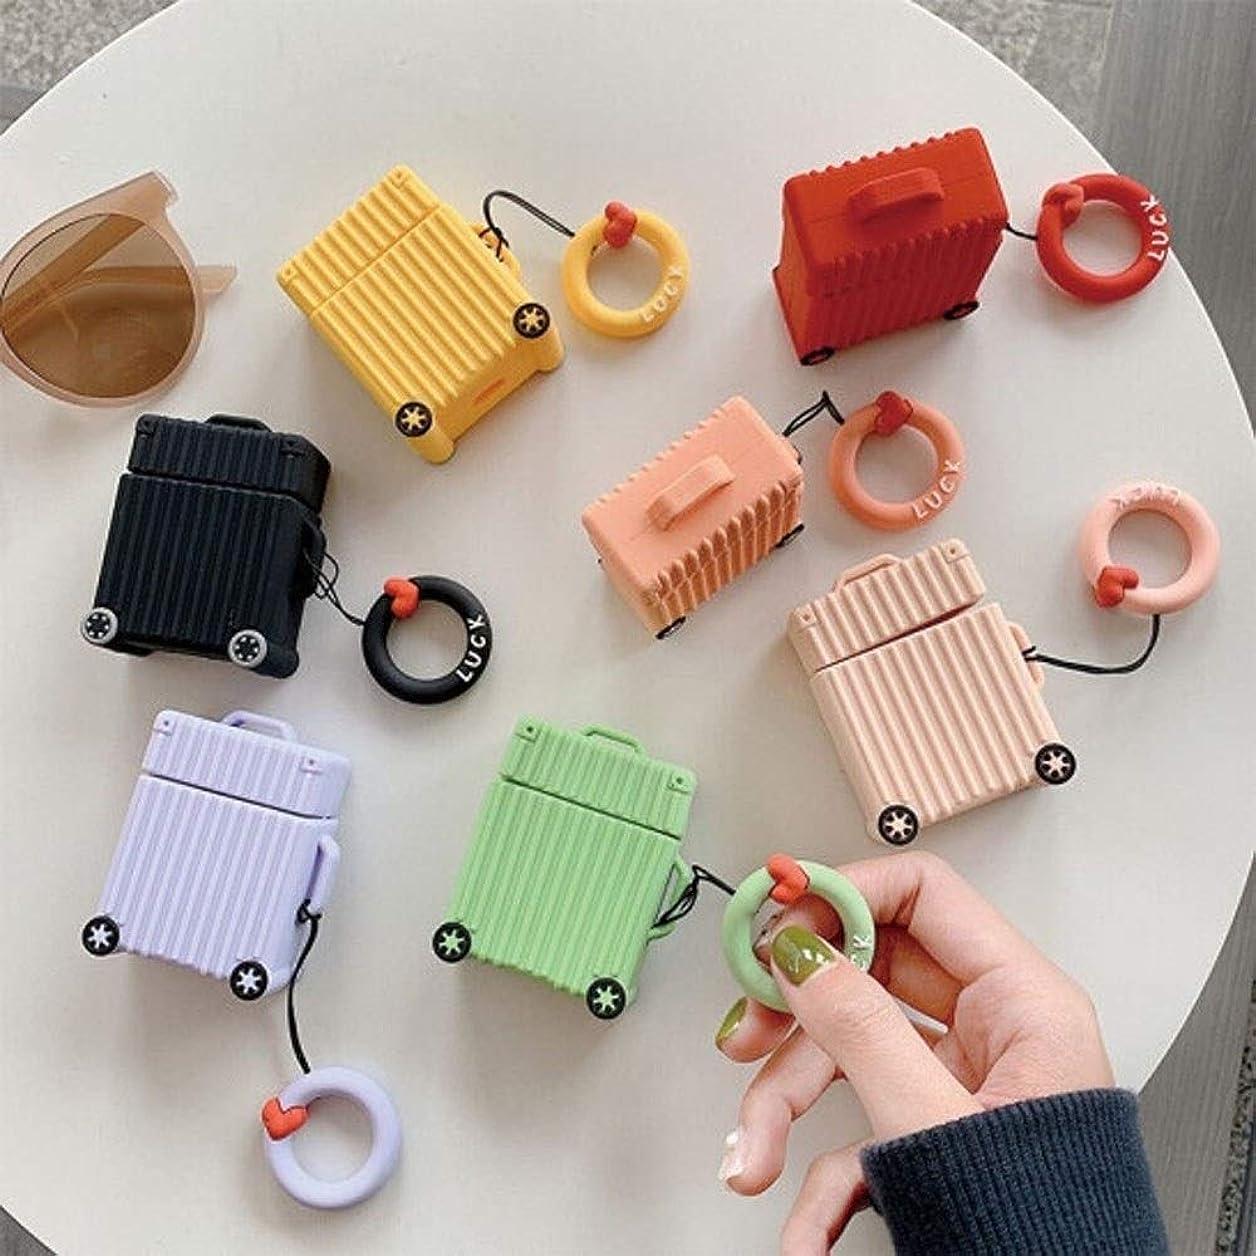 キャプチャーとして庭園KUCHEQICHE ヘッドフォンカバー、AirPods1 / 2世代のシリコンケース、耐久性、贈り物になりやすい、小さなスーツケースのデザイン、絶妙な雰囲気(黒/緑/ピンク/紫/赤/黄) (Color : Yellow)